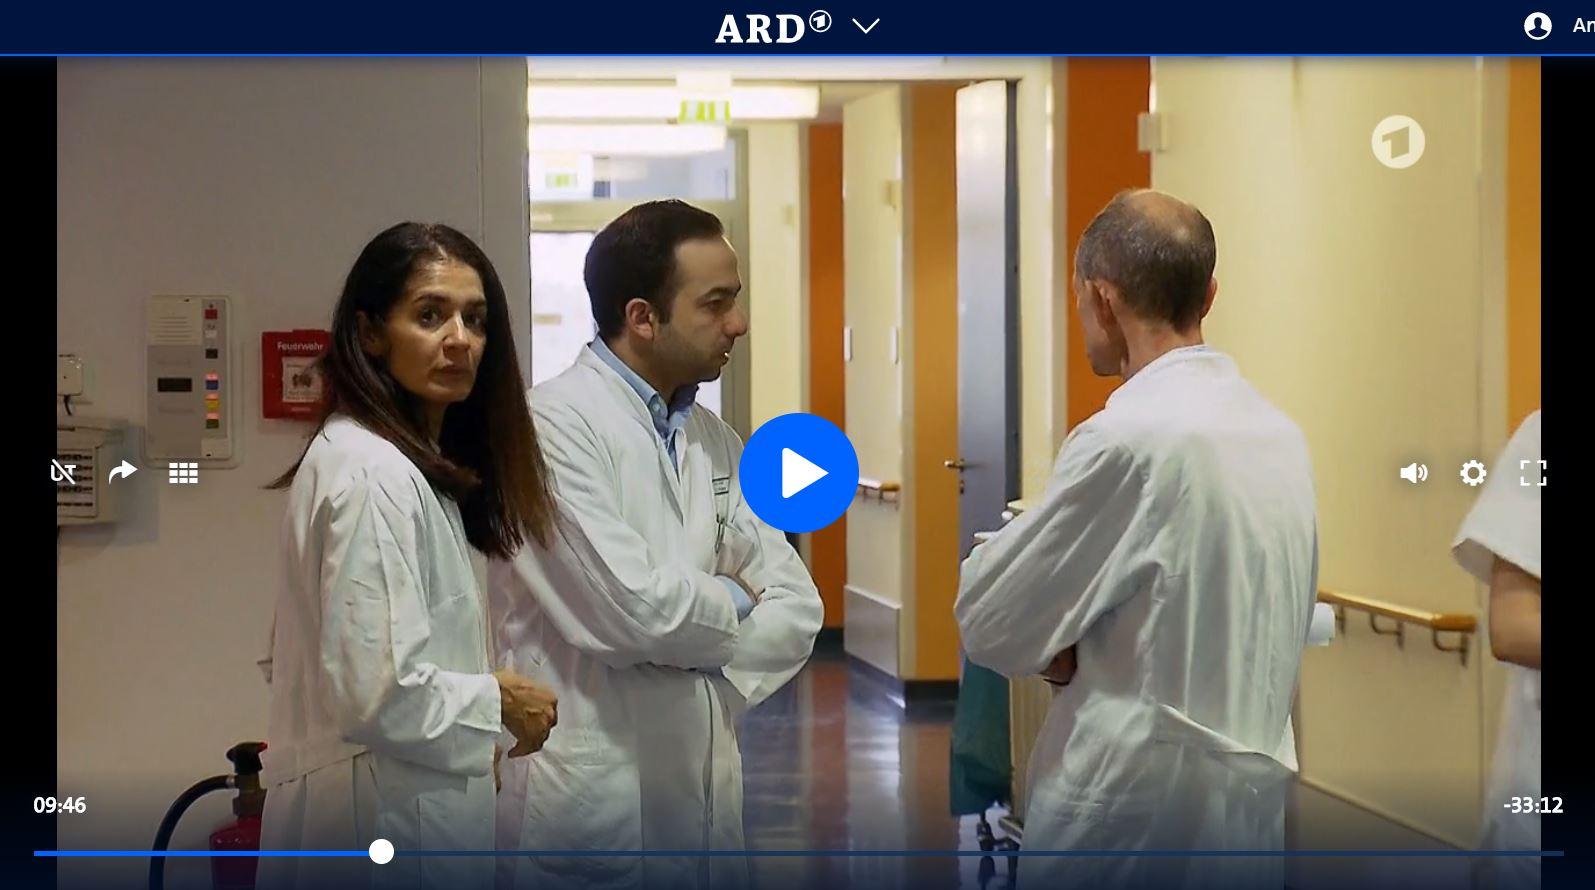 ARD-Doku: Abnehmen, um zu überleben